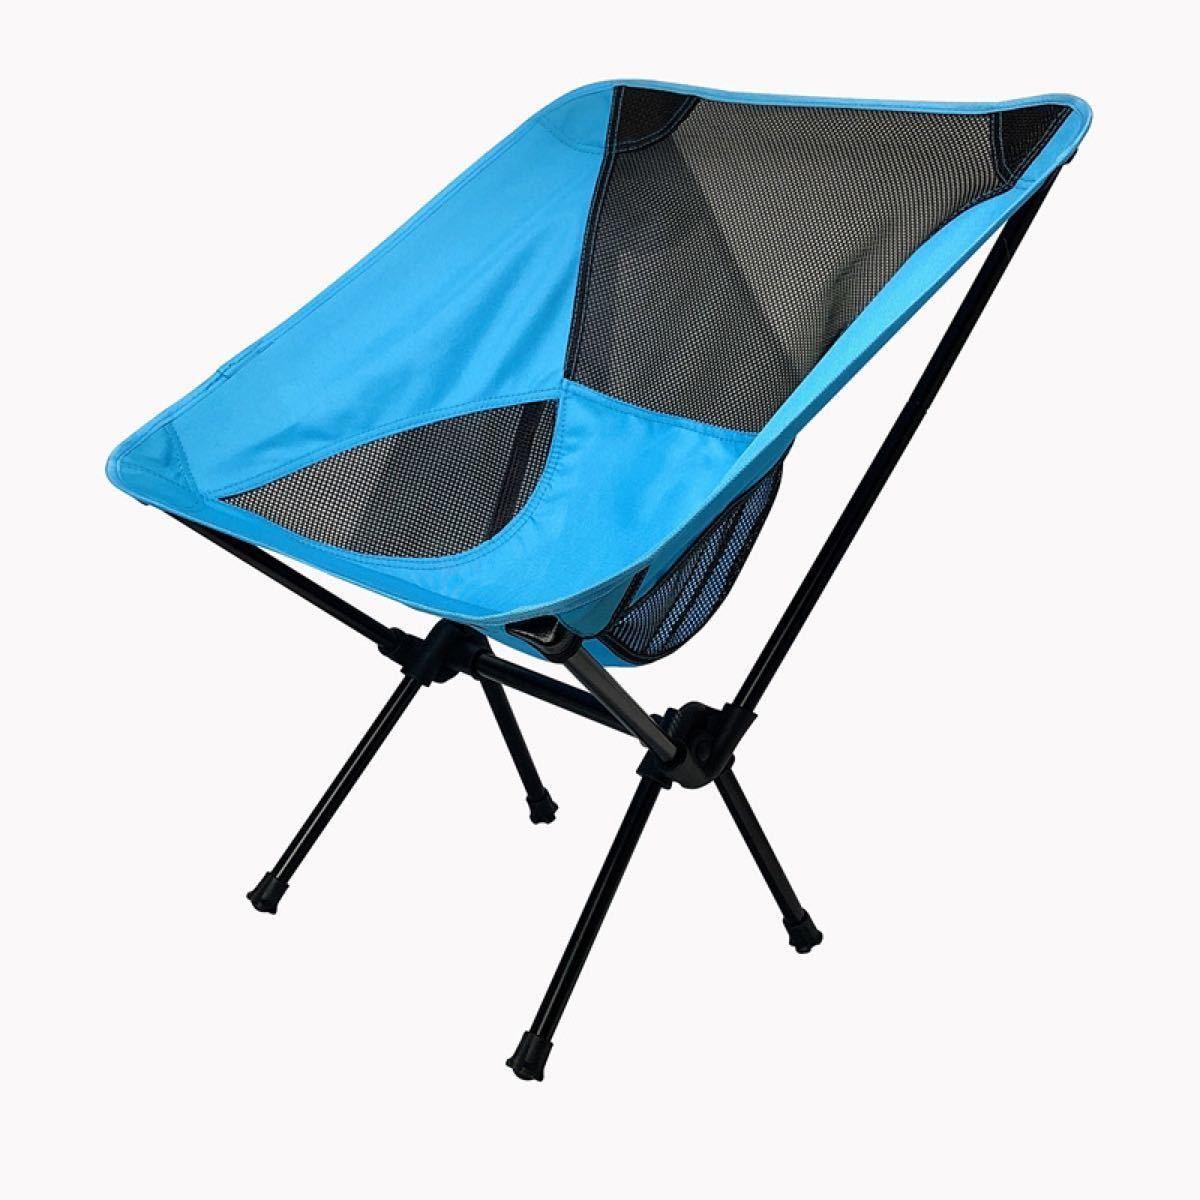 アウトドアチェア コンパクトチェア キャンプ椅子 画像1枚目の色